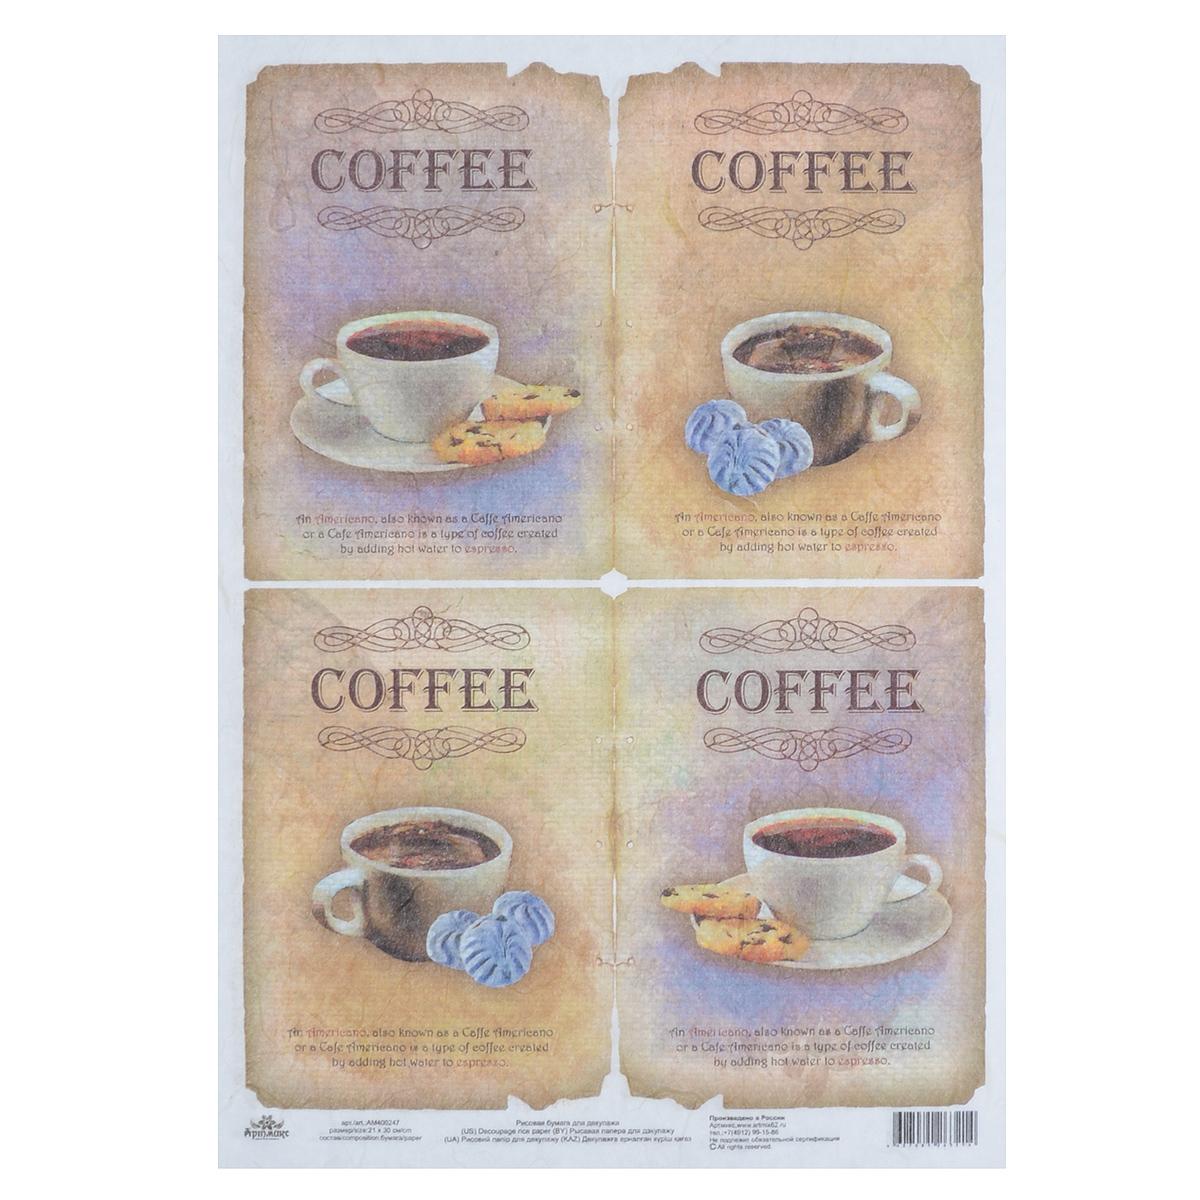 Рисовая бумага для декупажа Чашечка кофе, 21 см х 30 см - АртмиксAM400247Рисовая бумага для декупажа Чашечка кофе - мягкая бумага с выраженной волокнистой структурой легко повторяет форму любых предметов. При работе с этой бумагой вам не потребуется никакой дополнительной подготовки перед началом работы. Вы просто вырезаете или вырываете нужный фрагмент, и хорошо проклеиваете бумагу на поверхности изделия. Рисовая бумага для декупажа идеально подходит для стекла. В отличие от салфеток, при наклеивании декупажная бумага практически не рвется и совсем не растягивается. Клеить ее можно как на светлую, так и на темную поверхность. Для новичков в декупаже - это очень удобно и гарантируется хороший результат. Поверхность, на которую будет клеиться декупажная бумага, подготавливают точно так же, как и для наклеивания салфеток, распечаток. Мотив вырезаем точно по контуру и замачиваем в емкости с водой, обычно не больше чем на одну минуту, чтобы он полностью впитал воду. Вынимаем и промакиваем бумажным или обычным полотенцем с двух...